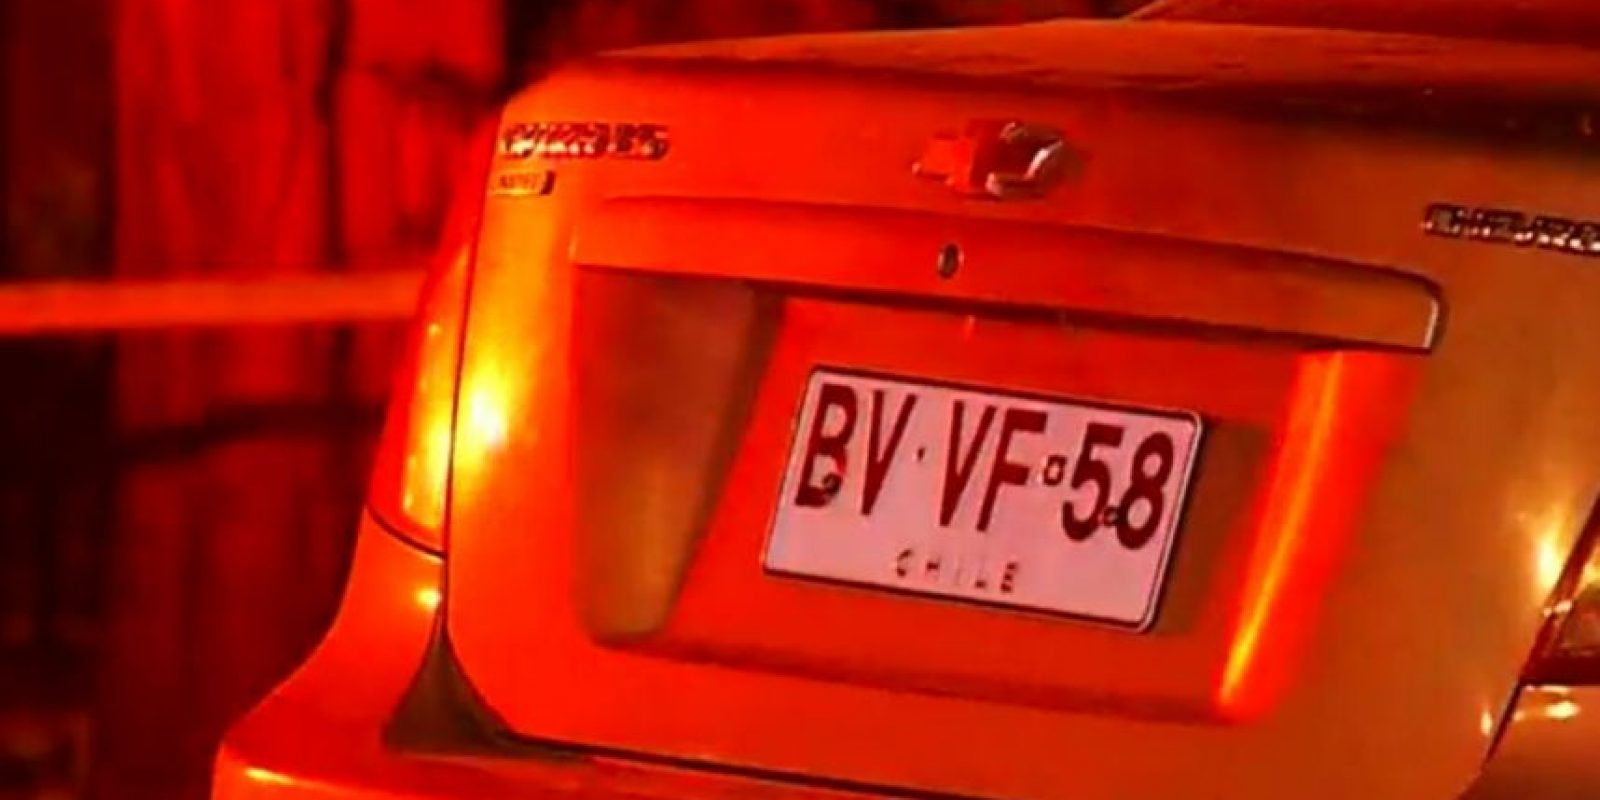 Los acompañantes del conductor, de 12 y 14 años resultaron con lesiones graves pero fuera de riesgo vital. Foto:Rodrigo Fuentes / Publimetro. Imagen Por: